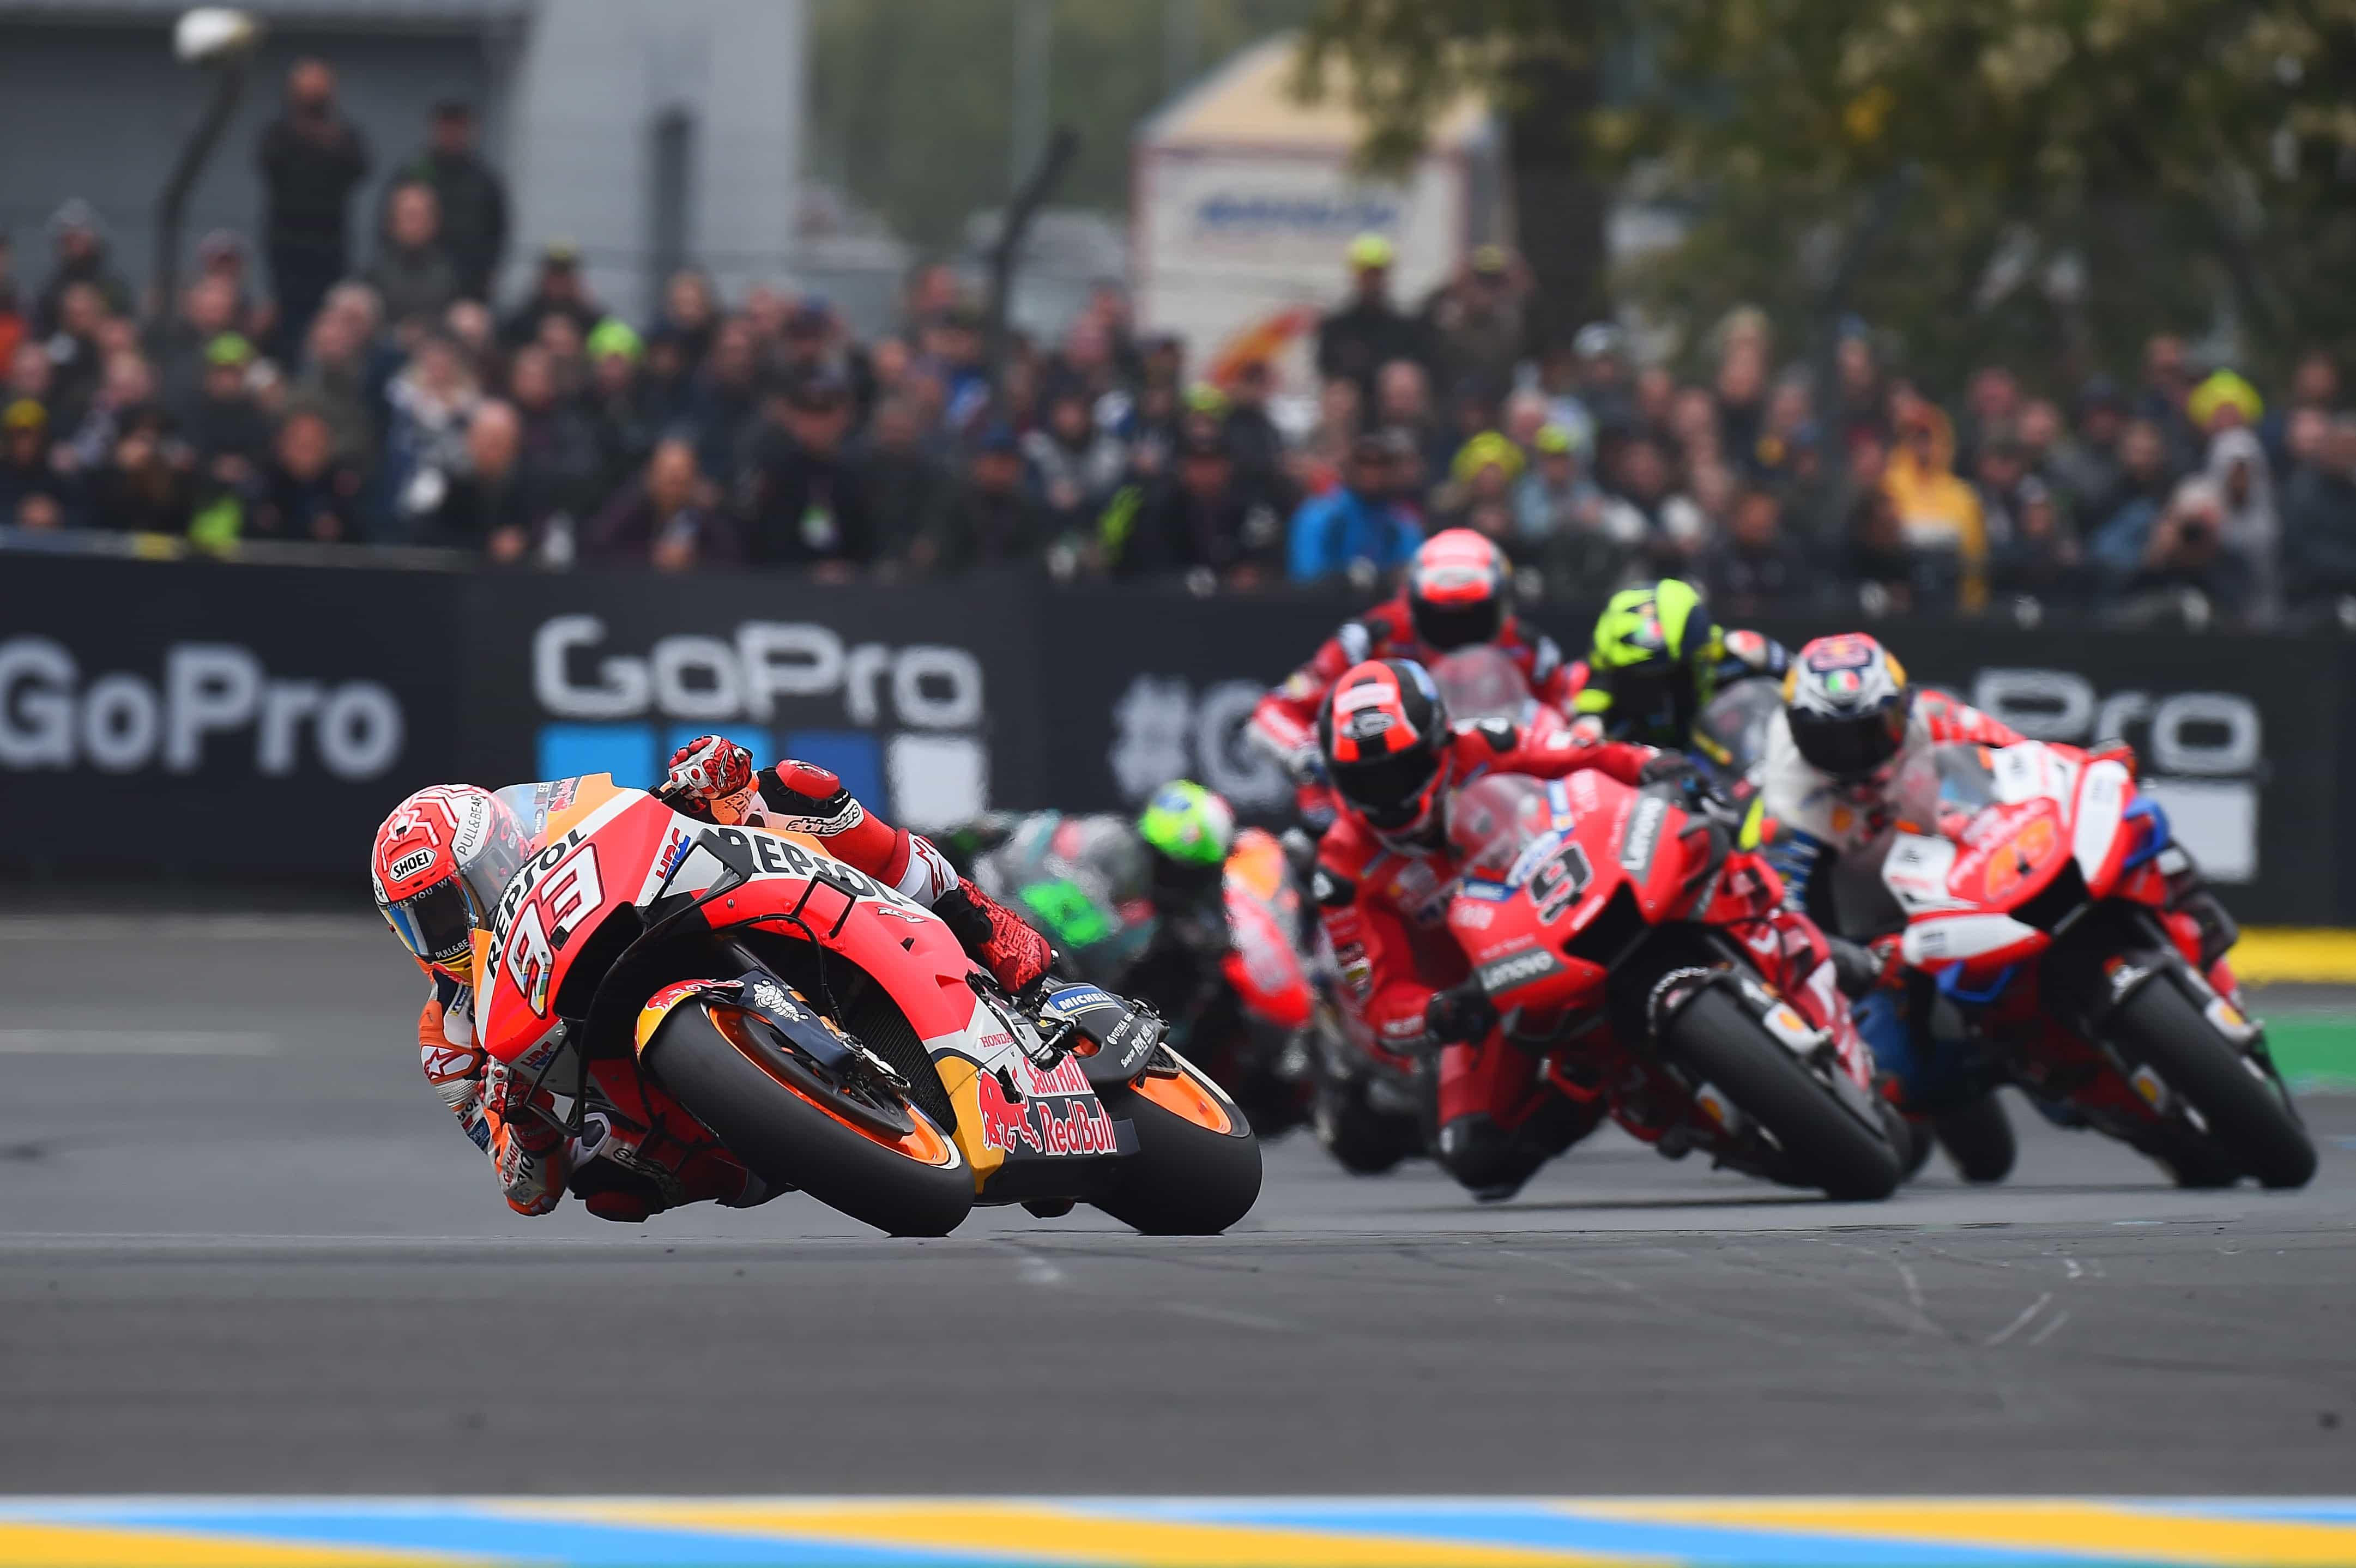 MotoGP2019ミシュラン 目まぐるしく天候が変わったル・マンですべてのコンディションに対応